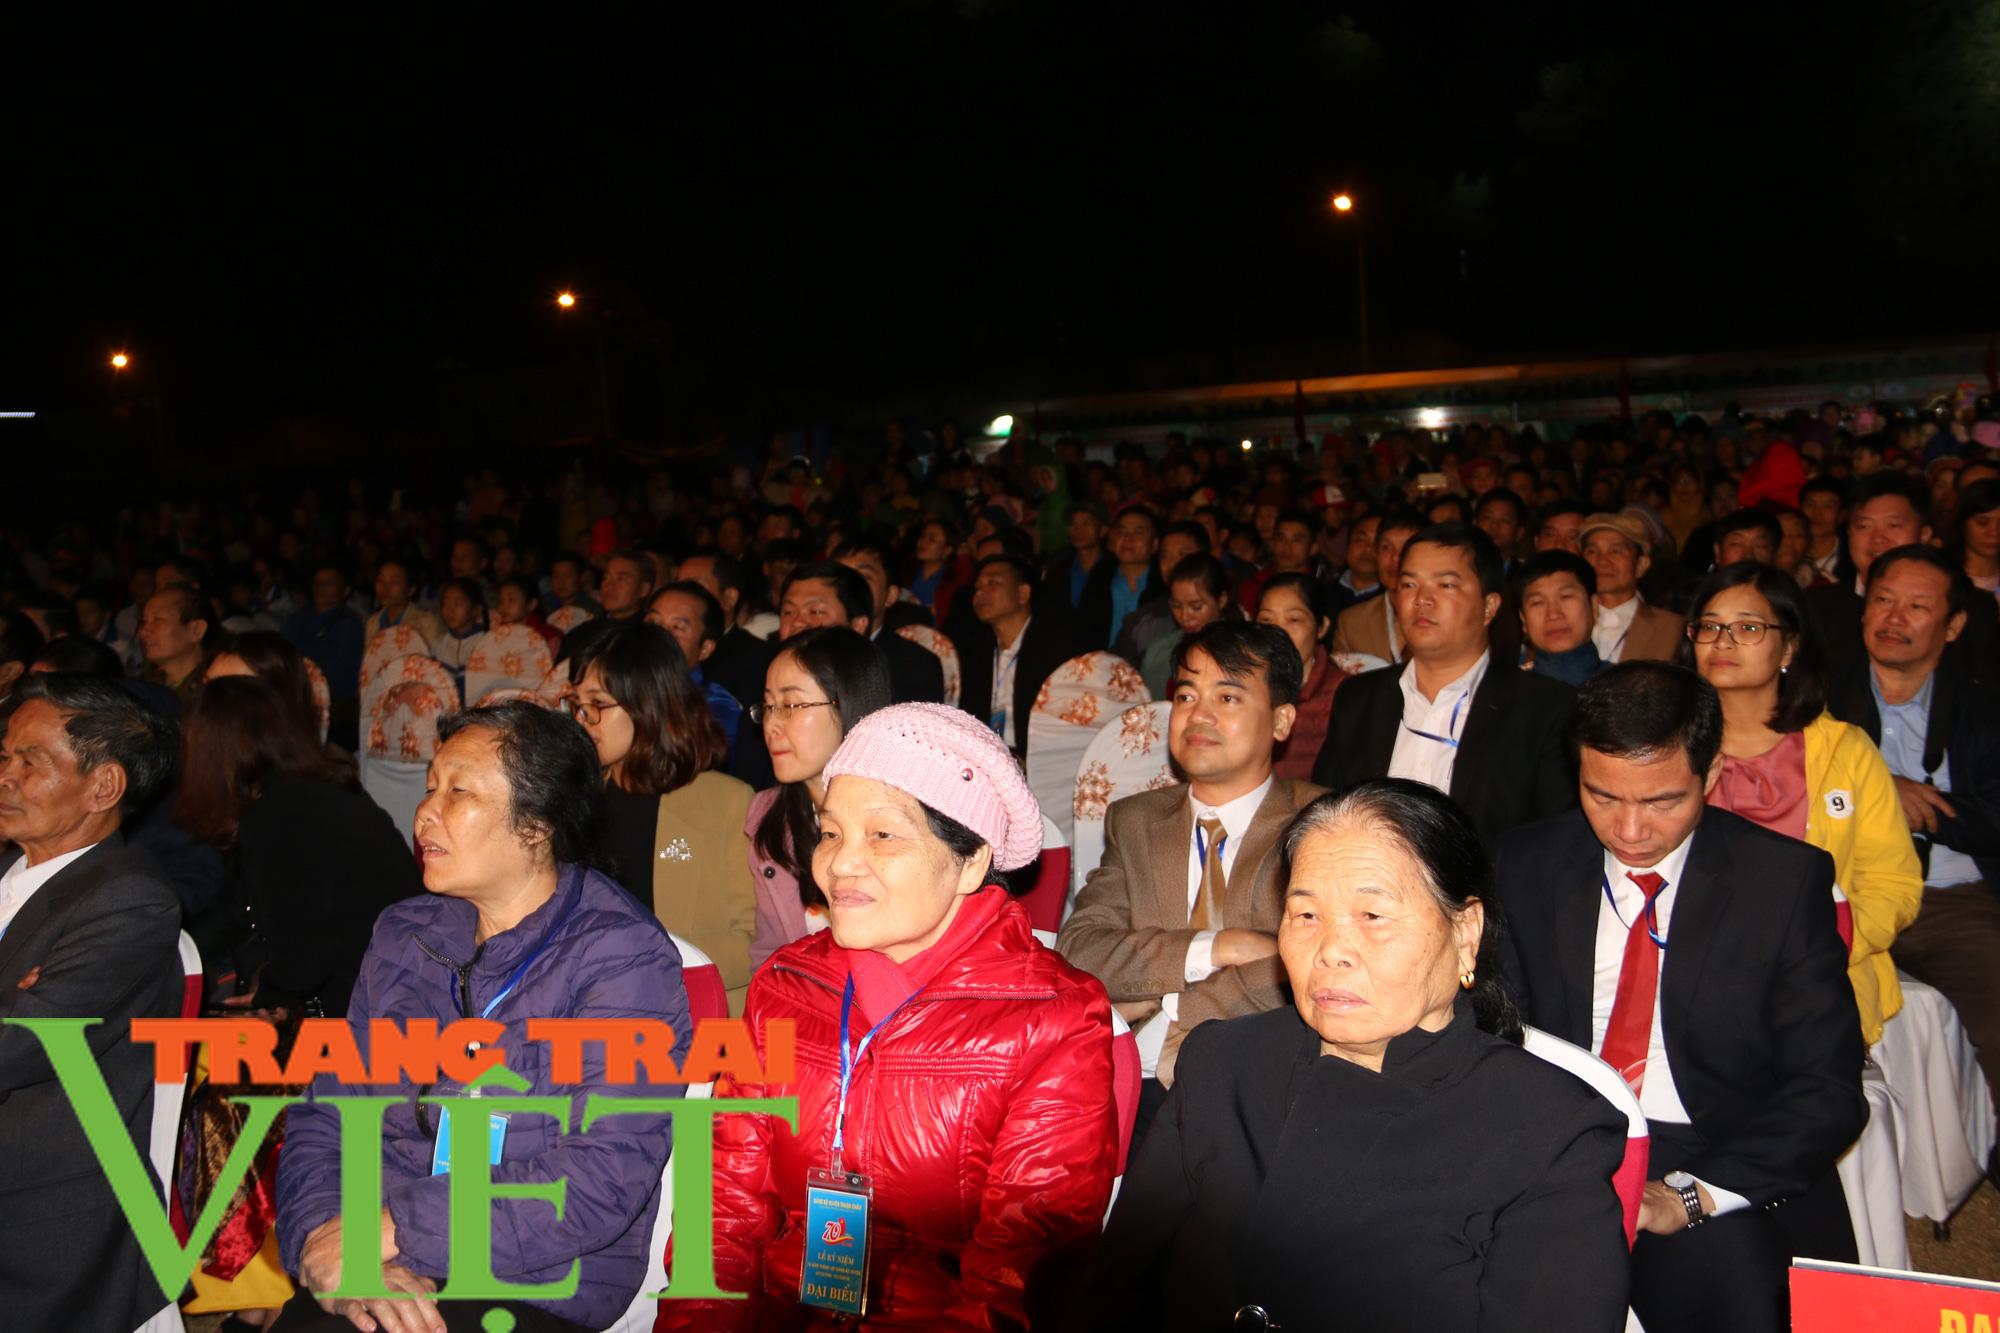 Sơn La: Kỷ niệm 70 năm thành lập Đảng bộ huyện Thuận Châu - Ảnh 5.